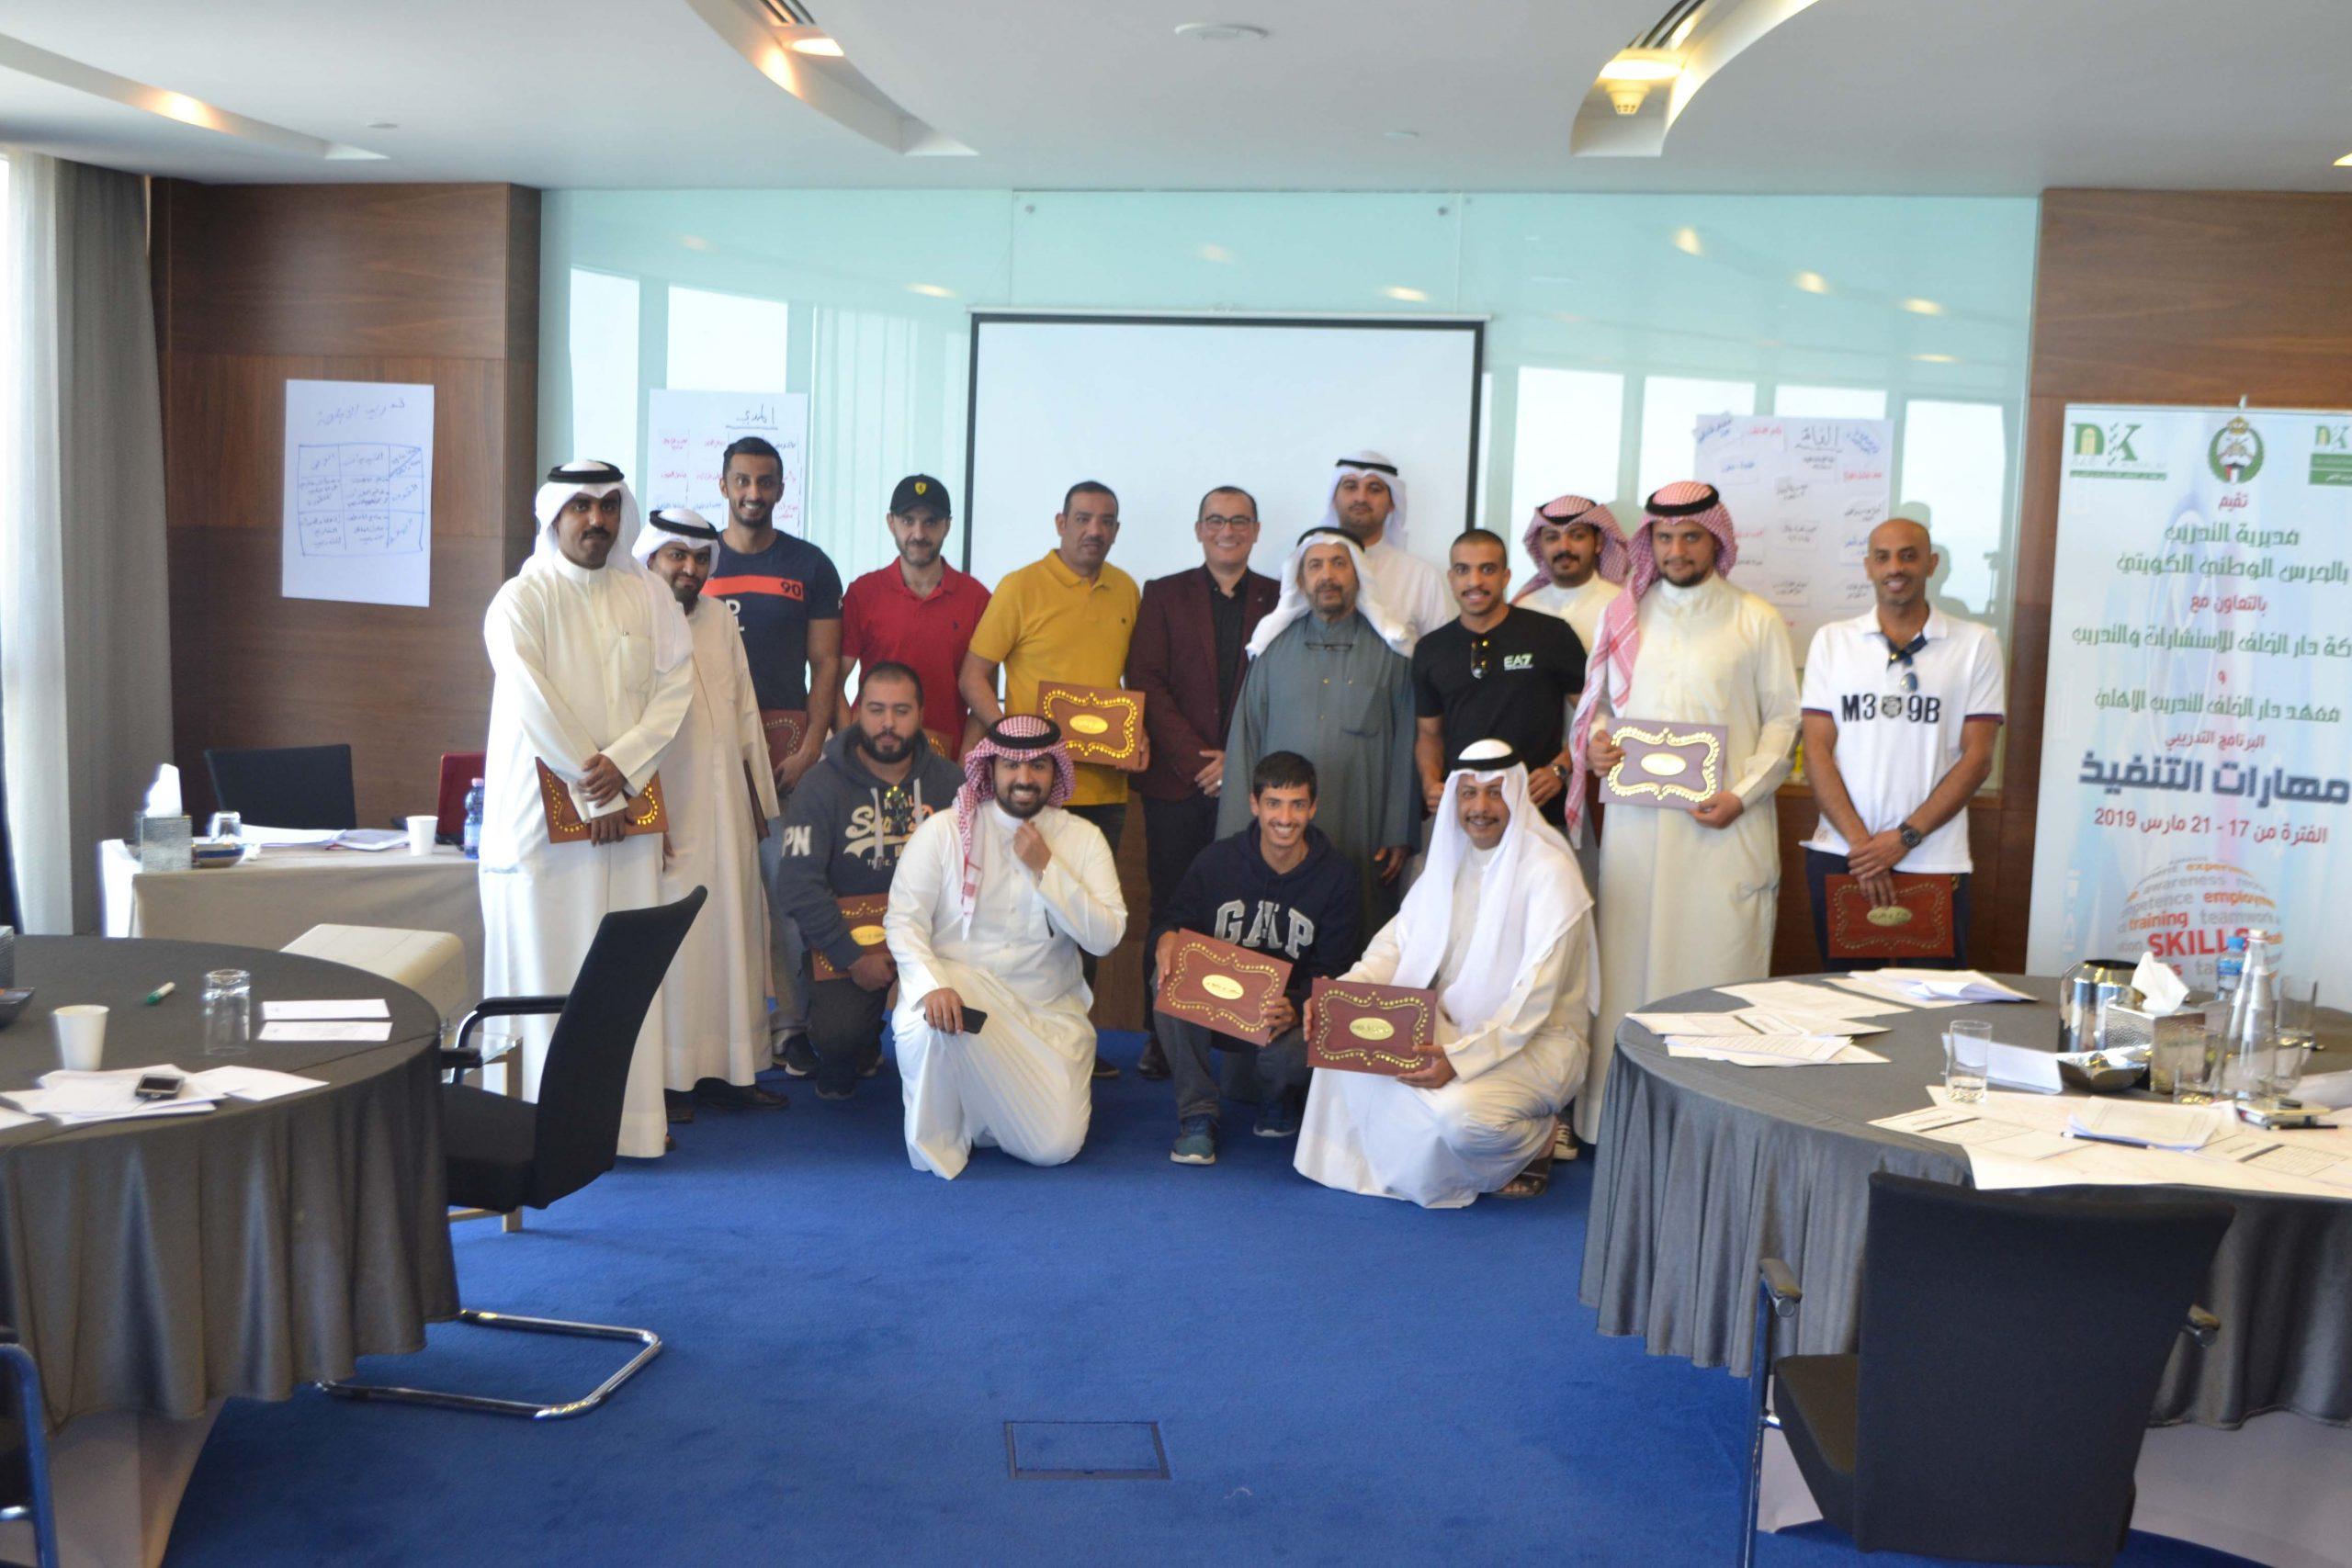 البرنامج التدريبي مهارات التنفيذ- دورة تدريبية لمتدربين من الحرس الوطني الكويتي - دورات ادارية